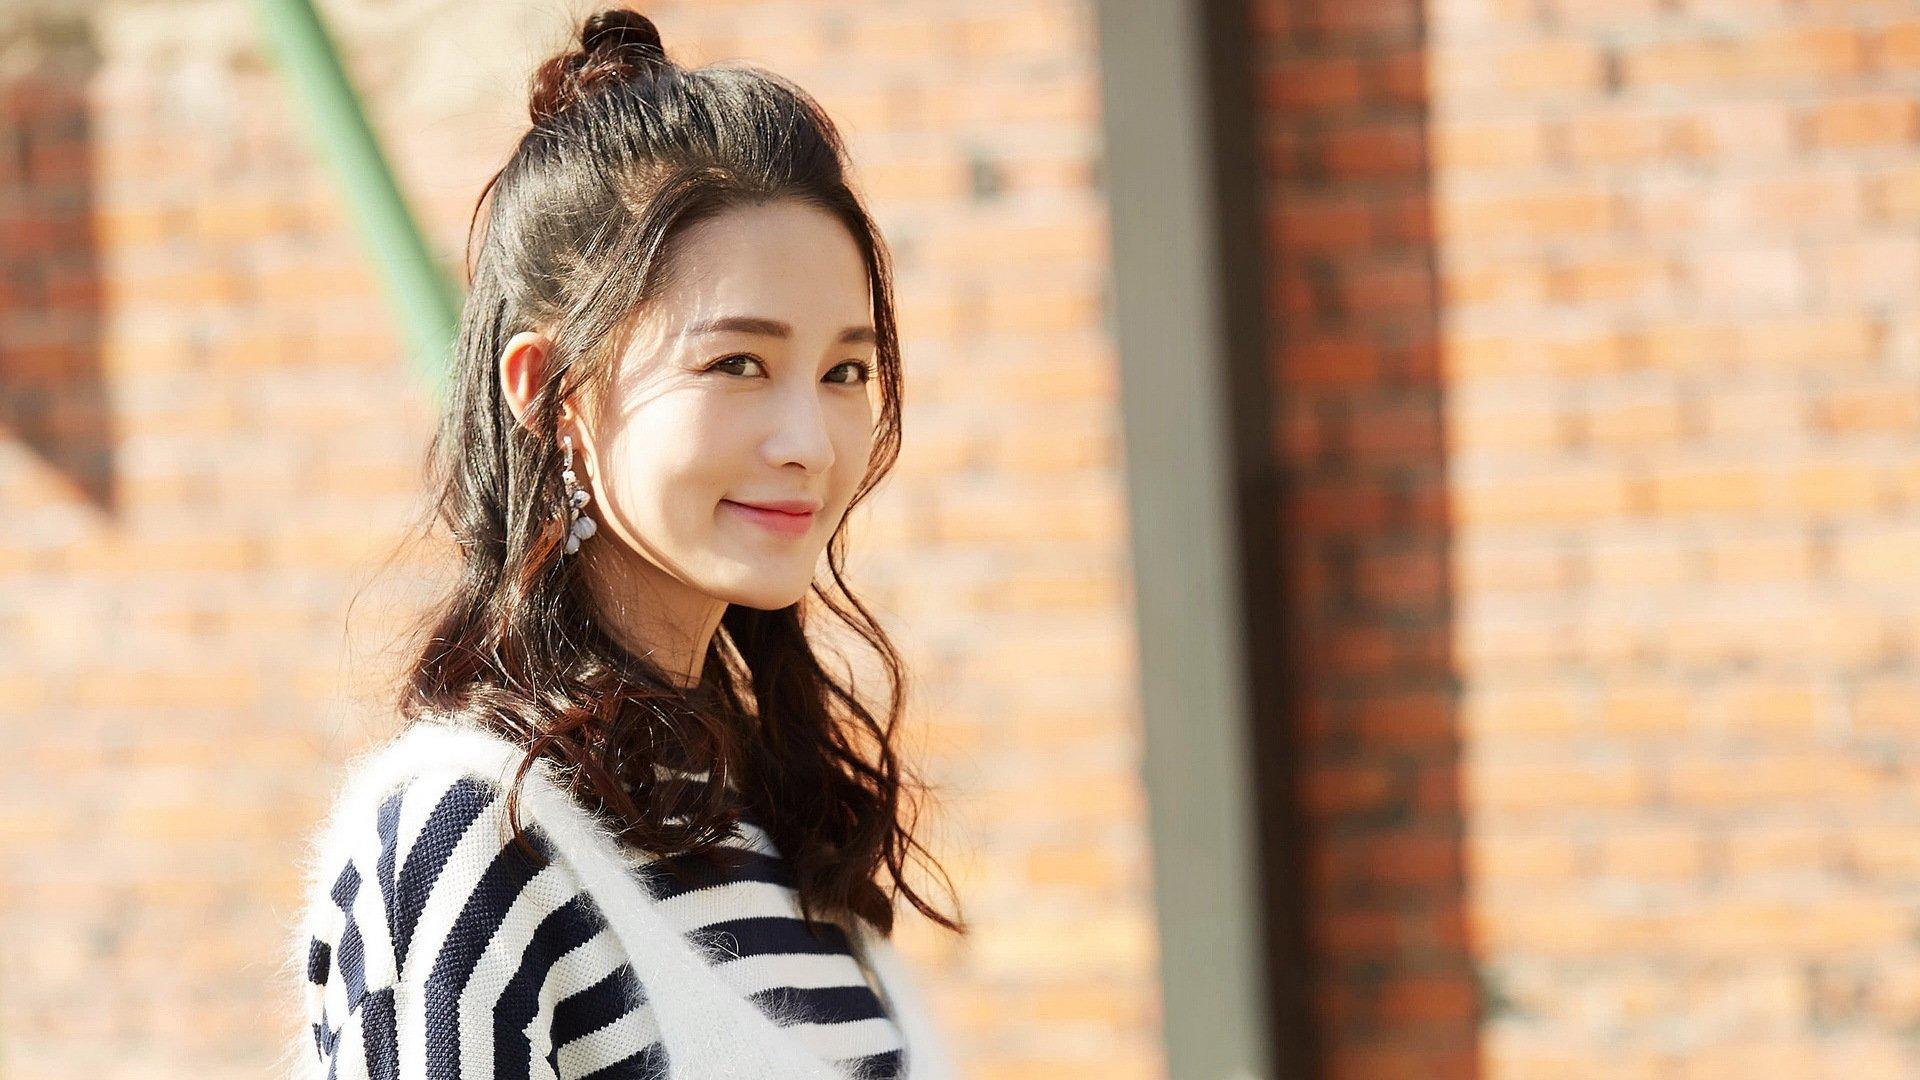 张子怡参加了一场综艺节目并结识了她的粉丝。你觉得这怎么样?